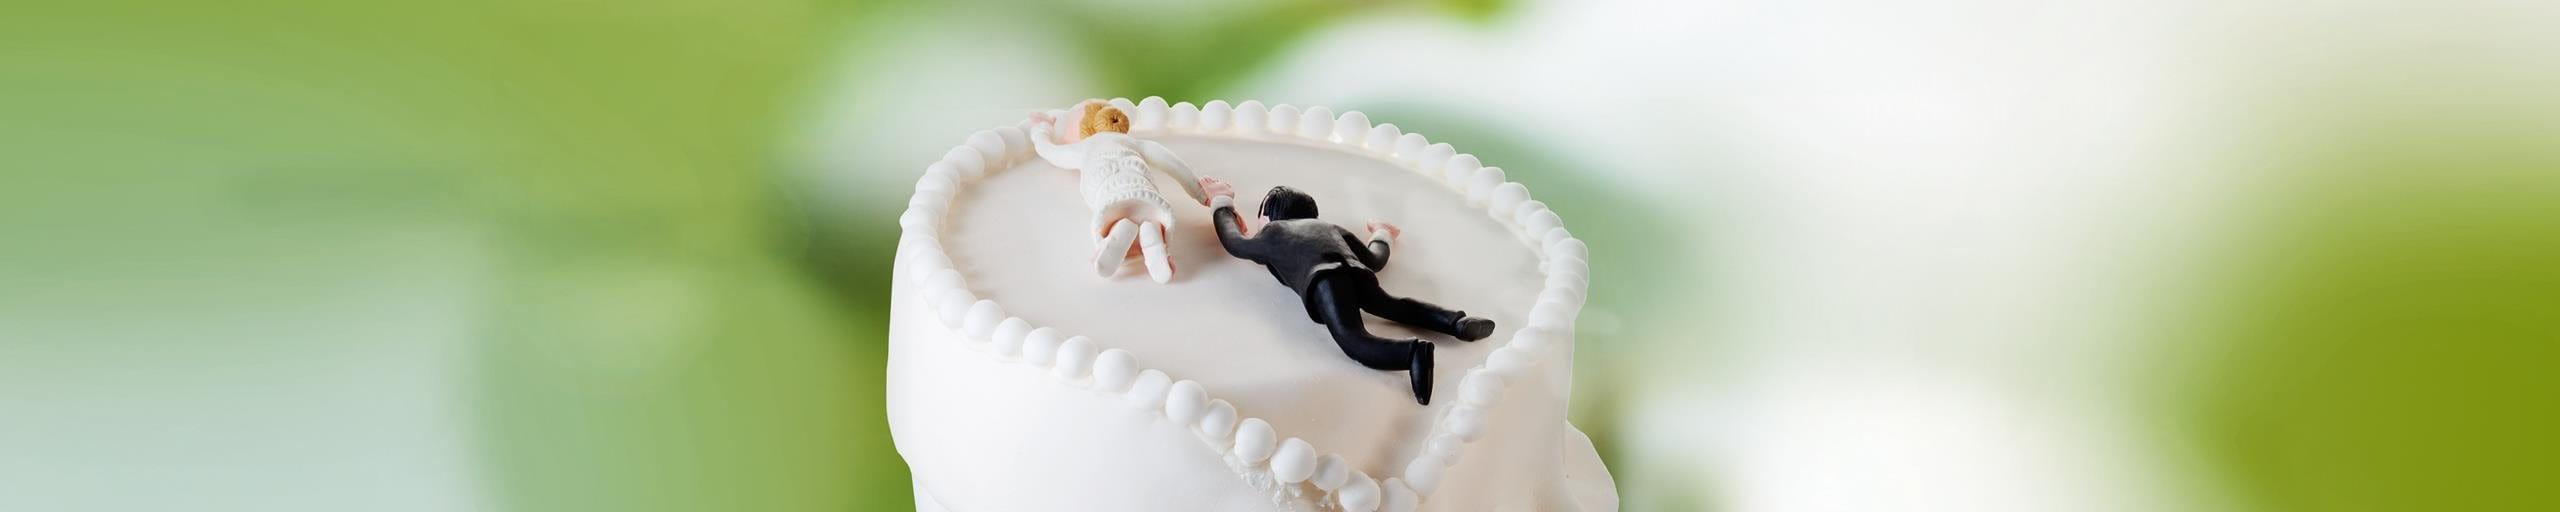 Una torta nuziale decorata con degli sposi.